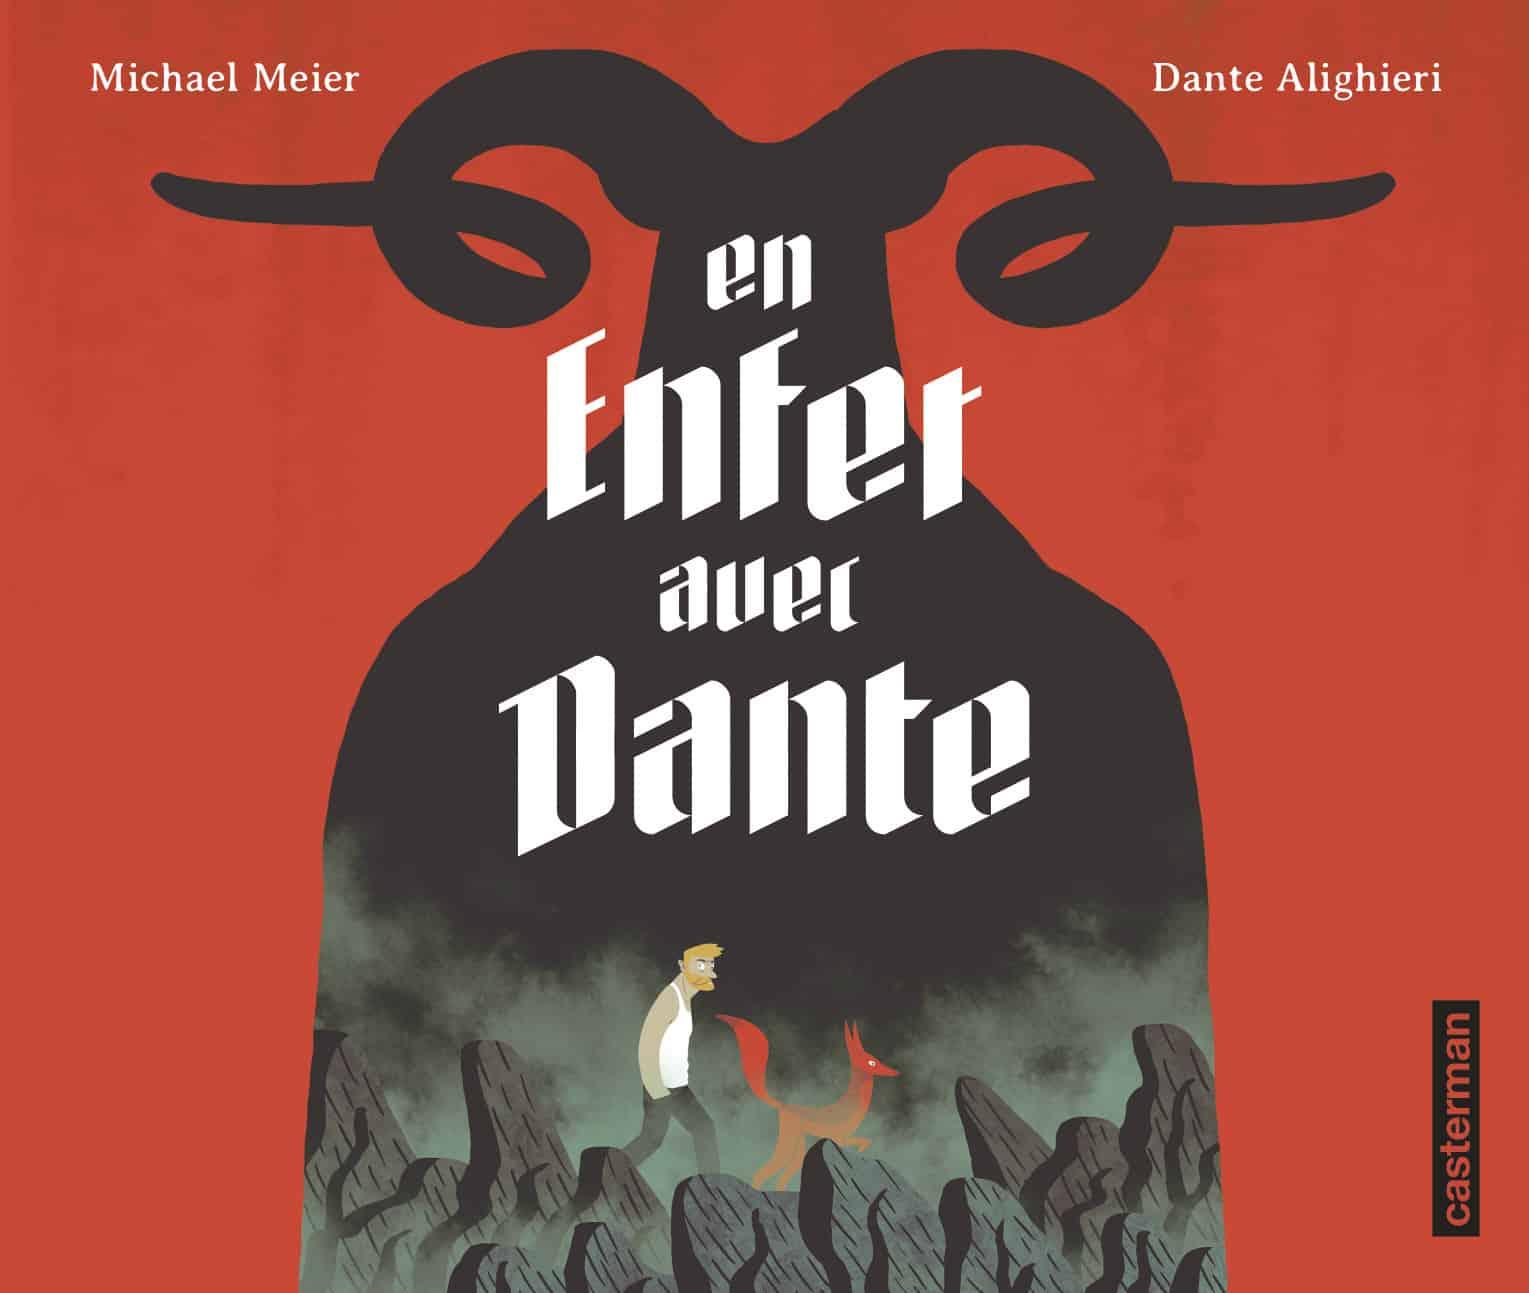 En enfer avec Dante, une vision modernisée